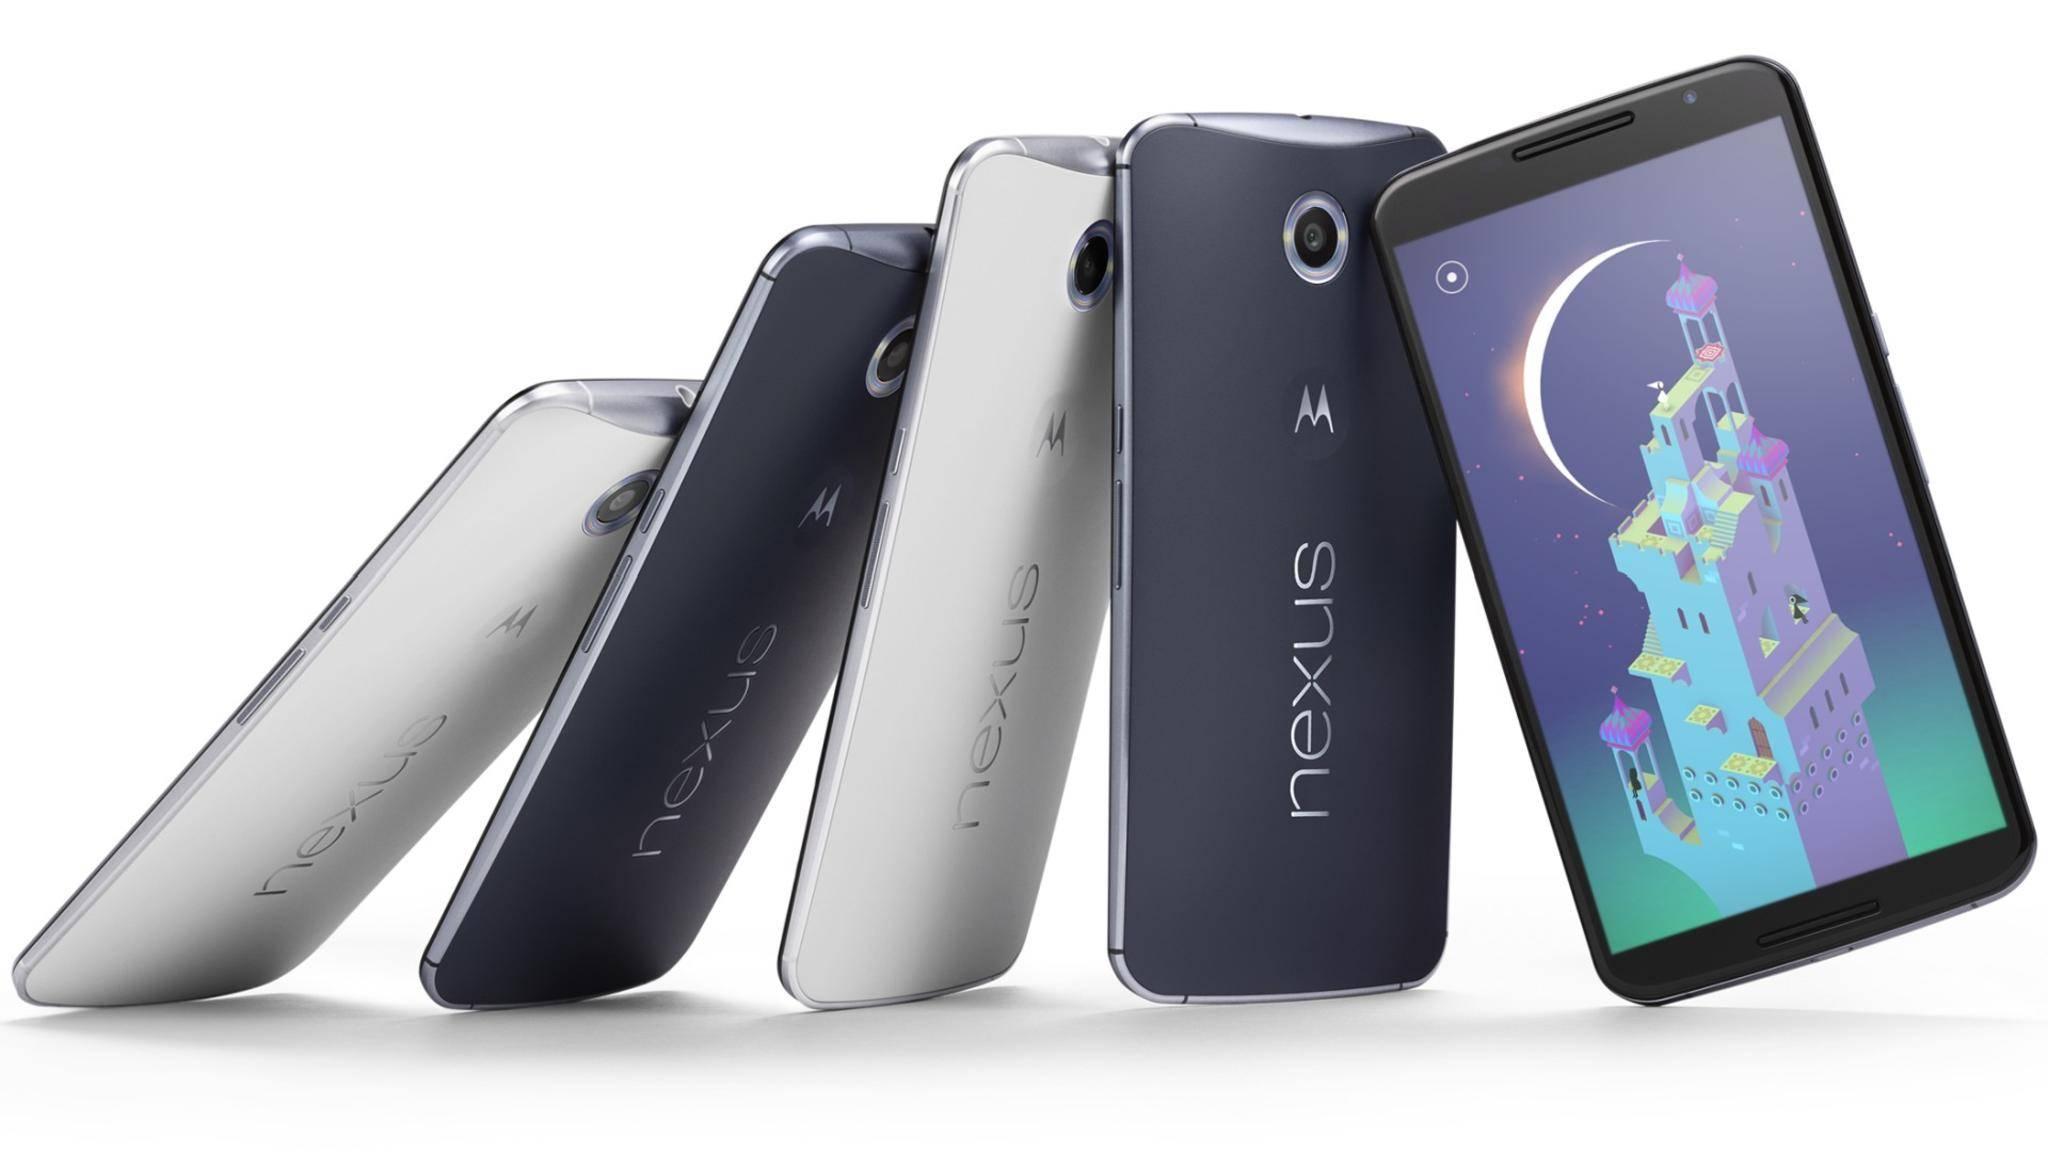 Das Update auf Android 7.1.1 kommt für das Nexus 6 erst Anfang Januar.